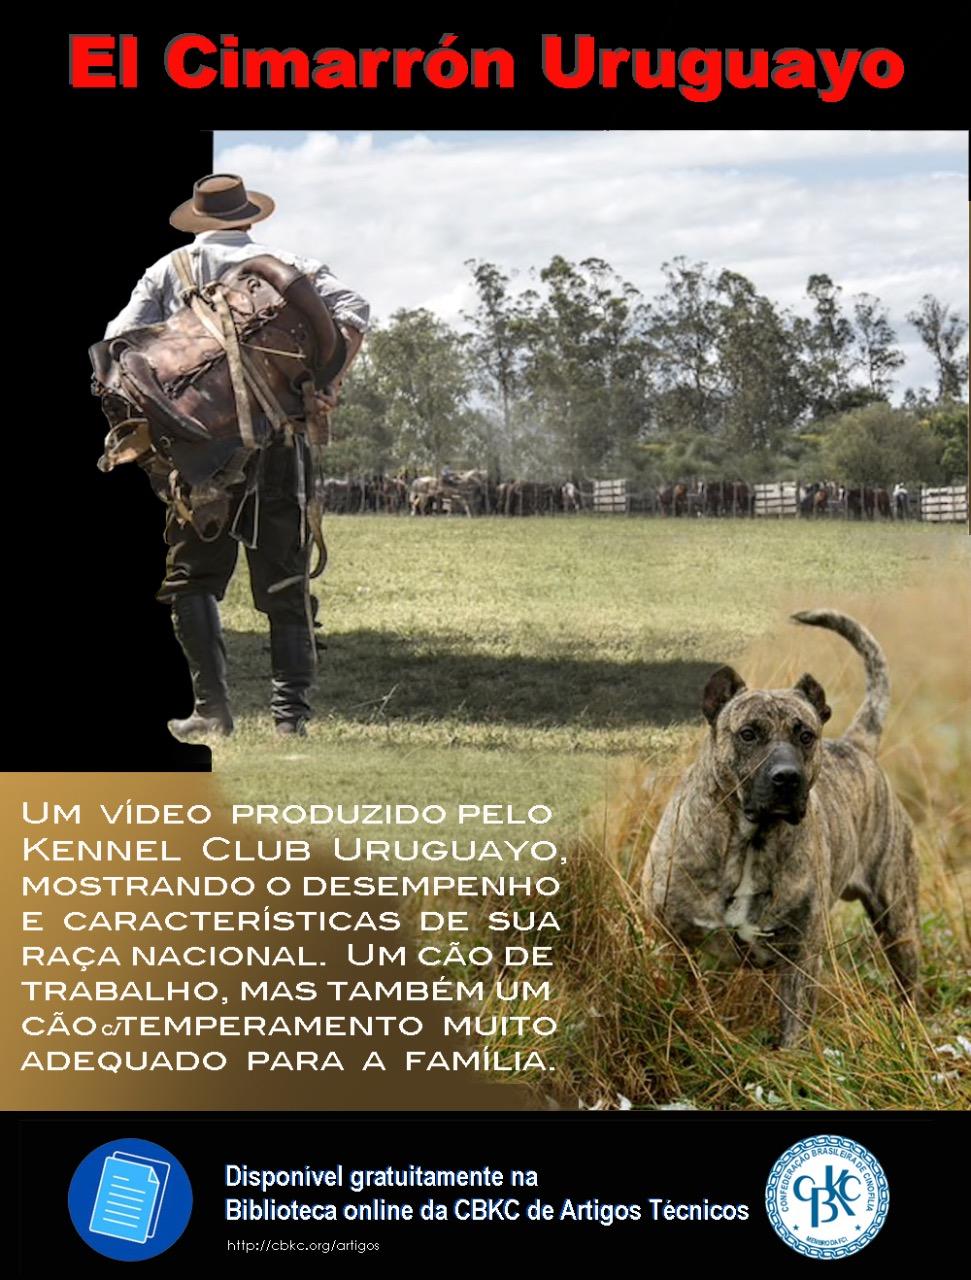 Artigo O Cimarrón Uruguayo - 2020-04-24